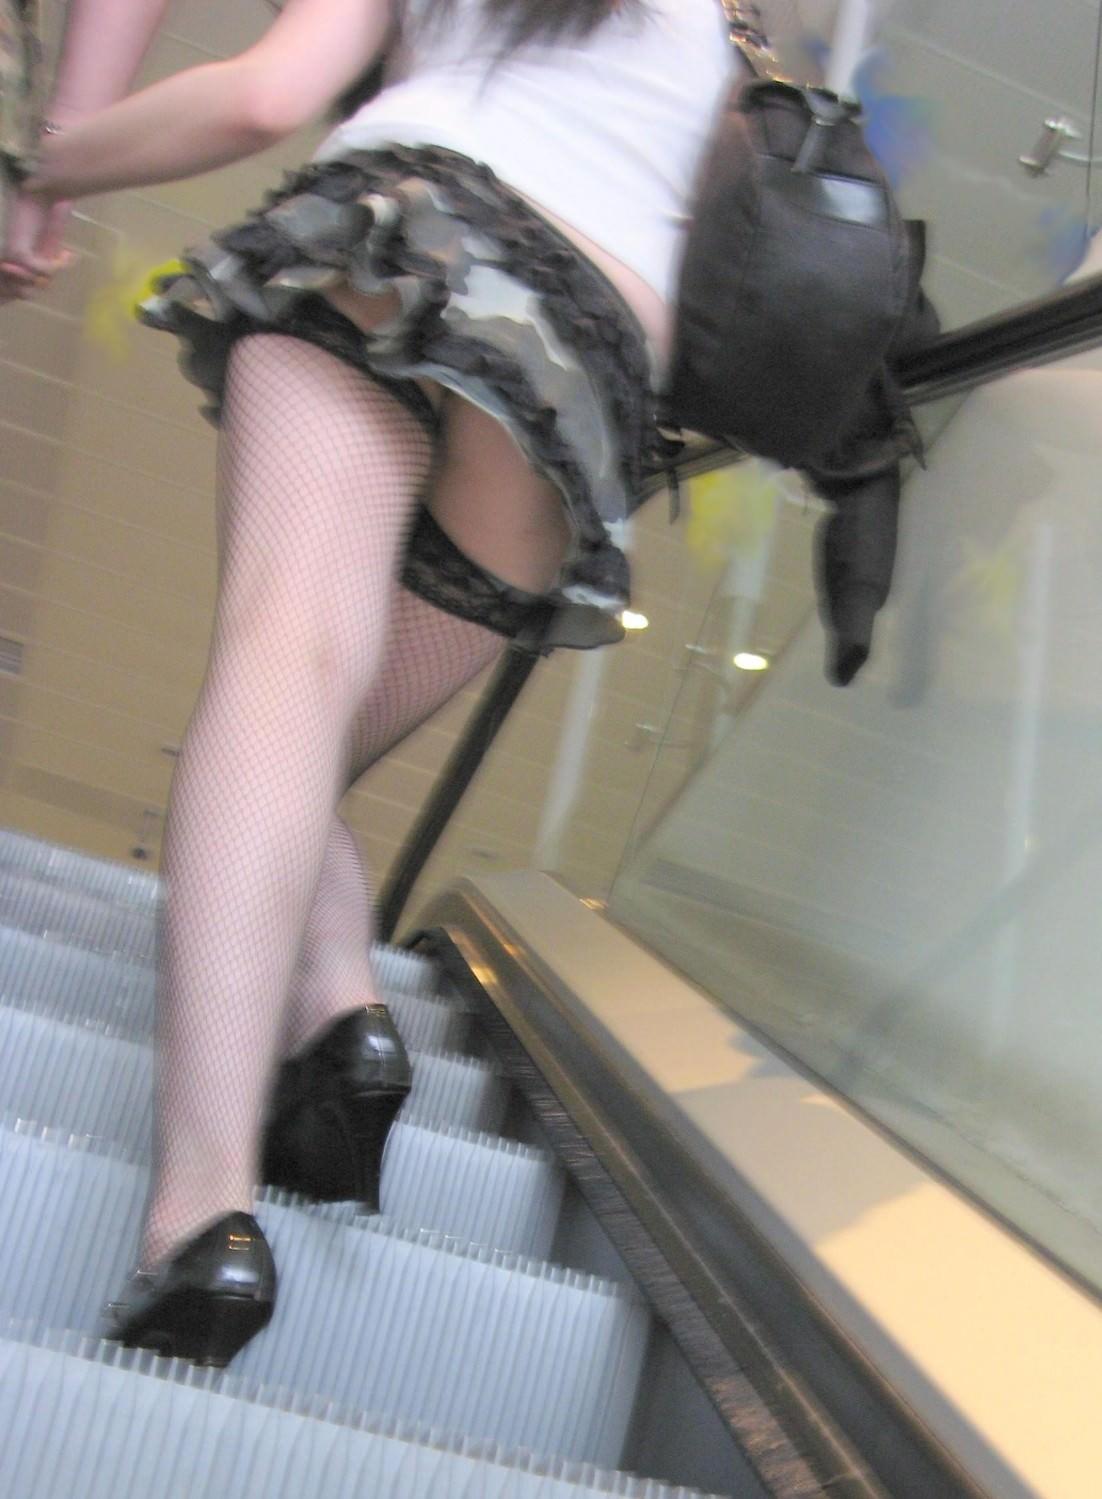 階段の下からのアングルで激写された素人娘のパンチラ画像 2162